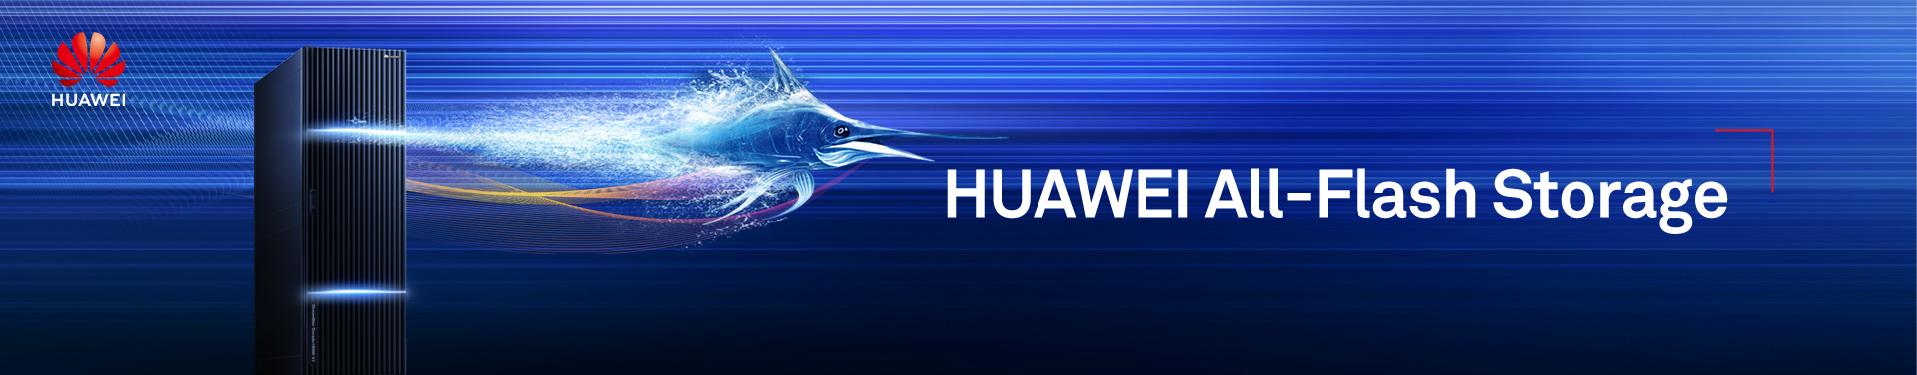 2019 11 Huawei WB